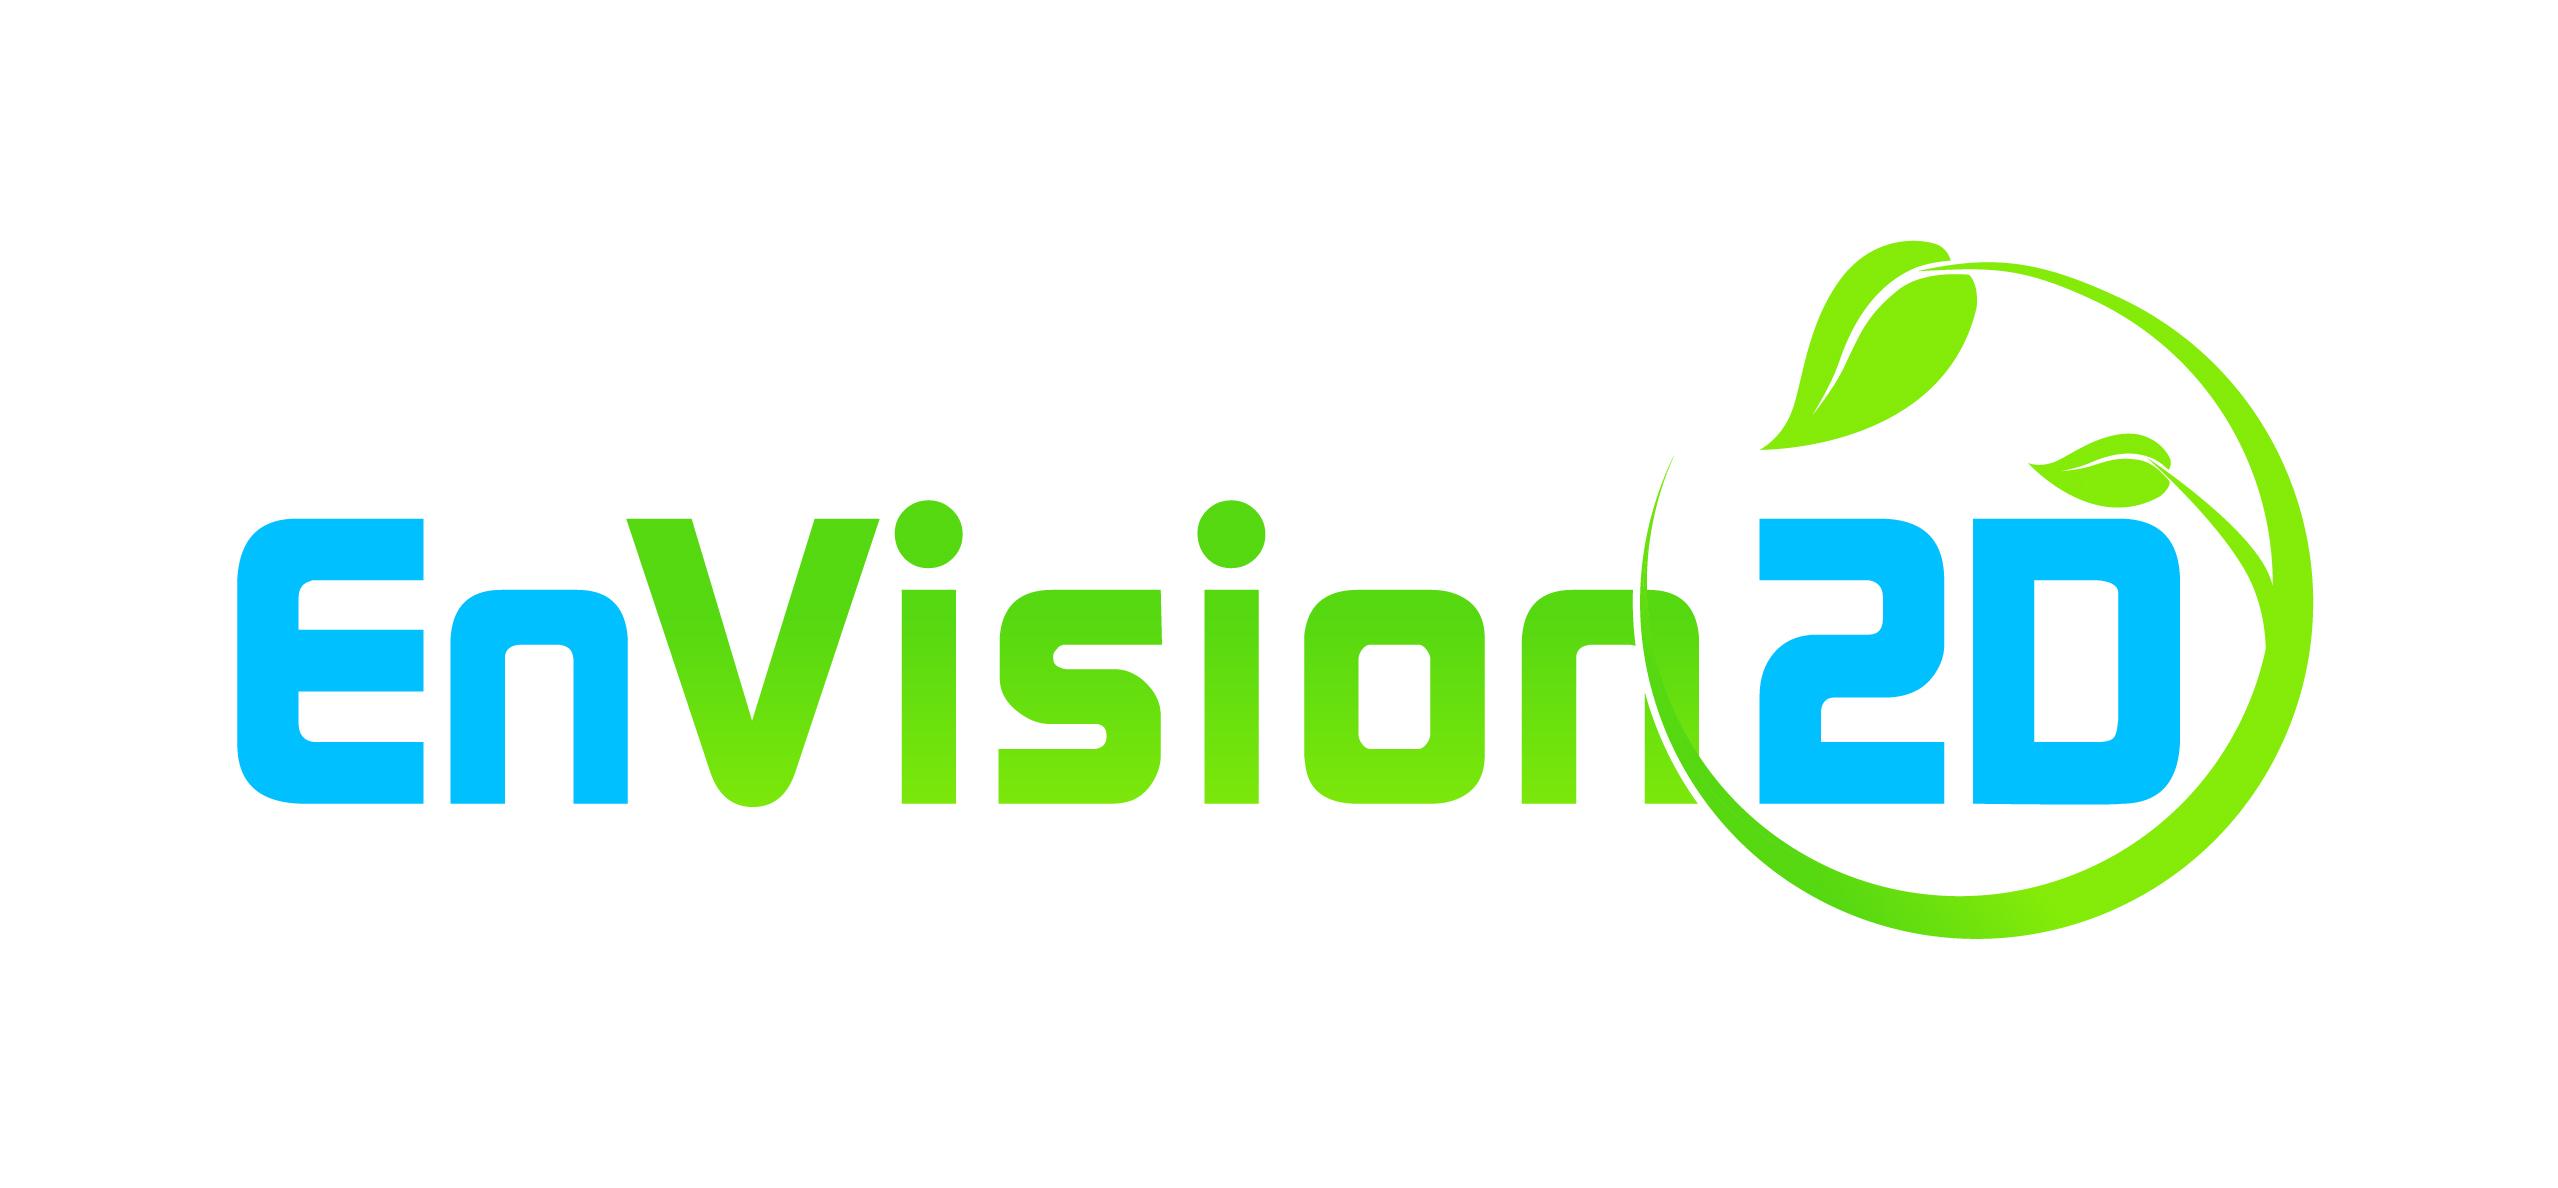 KK_logo-01